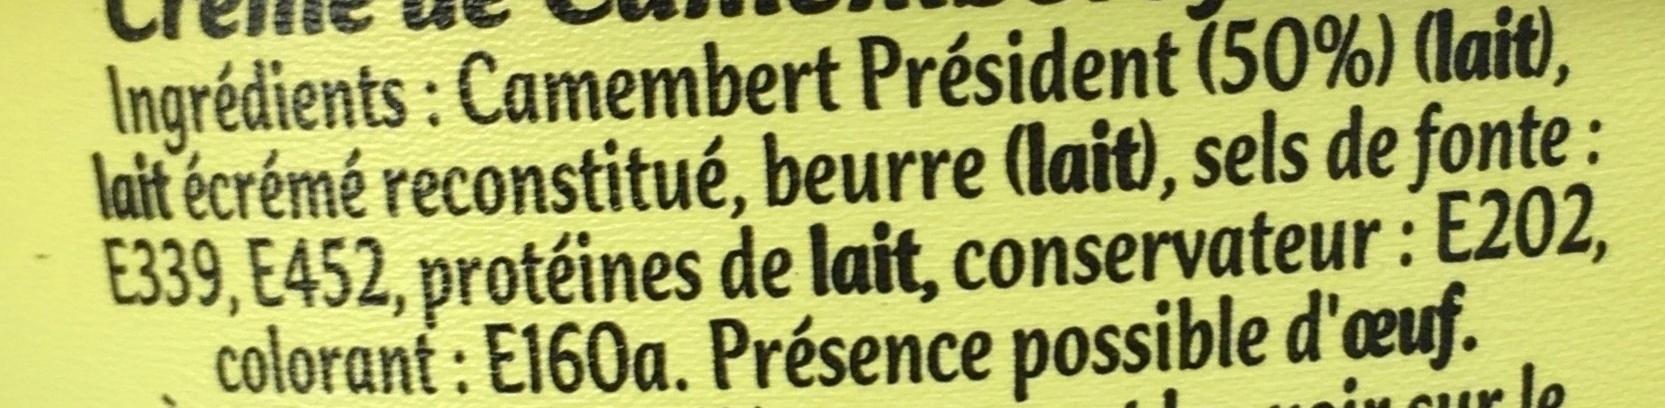 Crème de camembert à tartiner - Ingrédients - fr